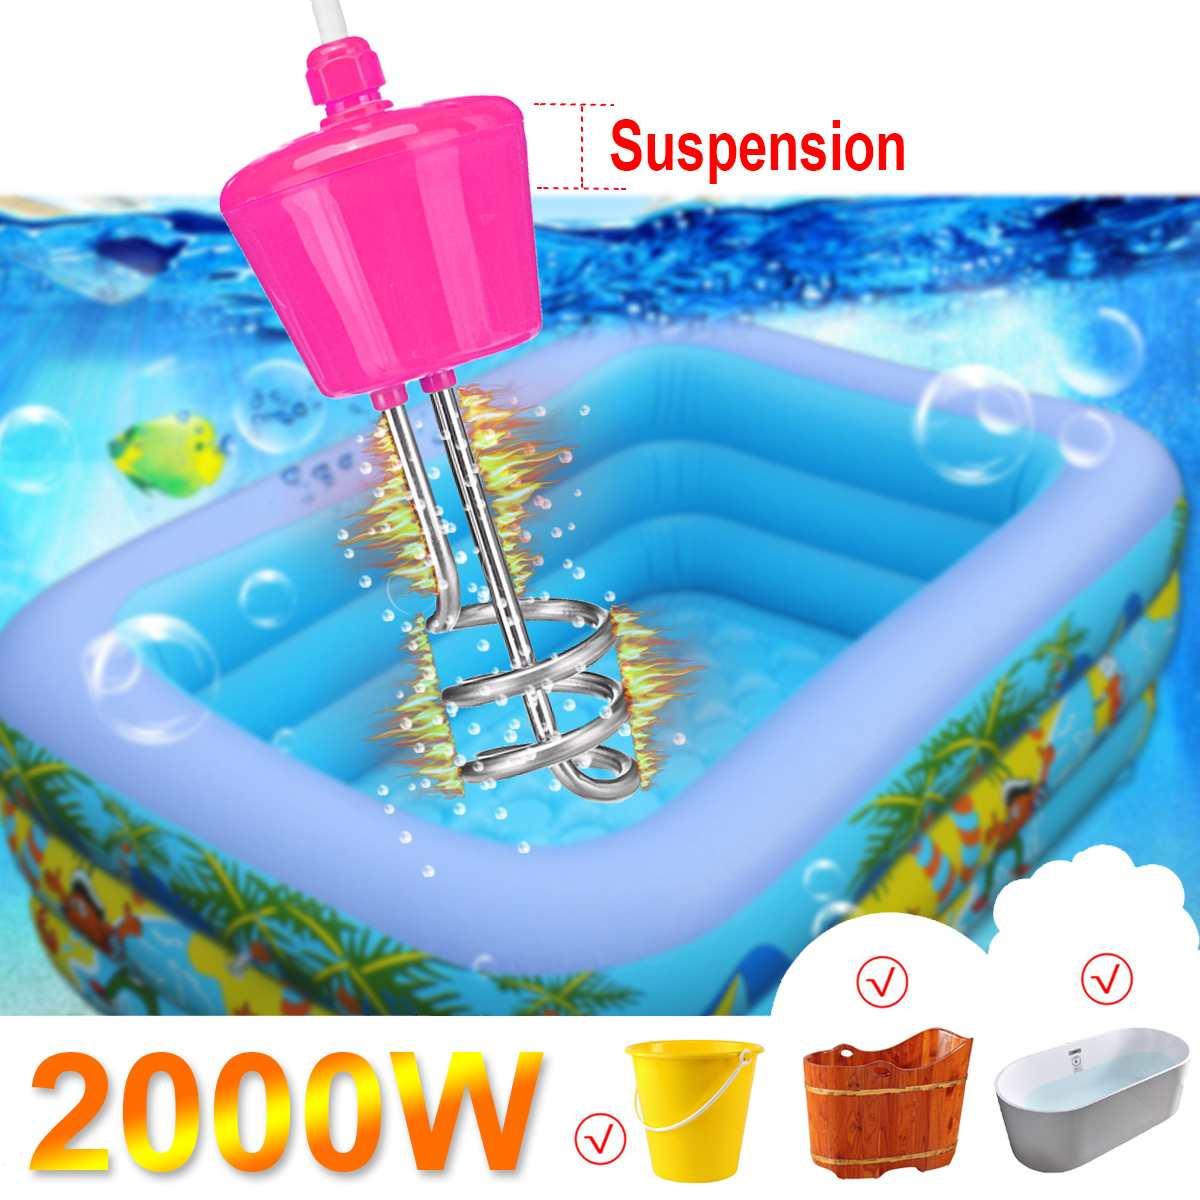 2000 W 220-250 V Tragbare Suspension Edelstahl Elektrische Schwimmenden Immersion Heizung Kessel Wasser Heizung Element Für Bad Gute WäRmeerhaltung